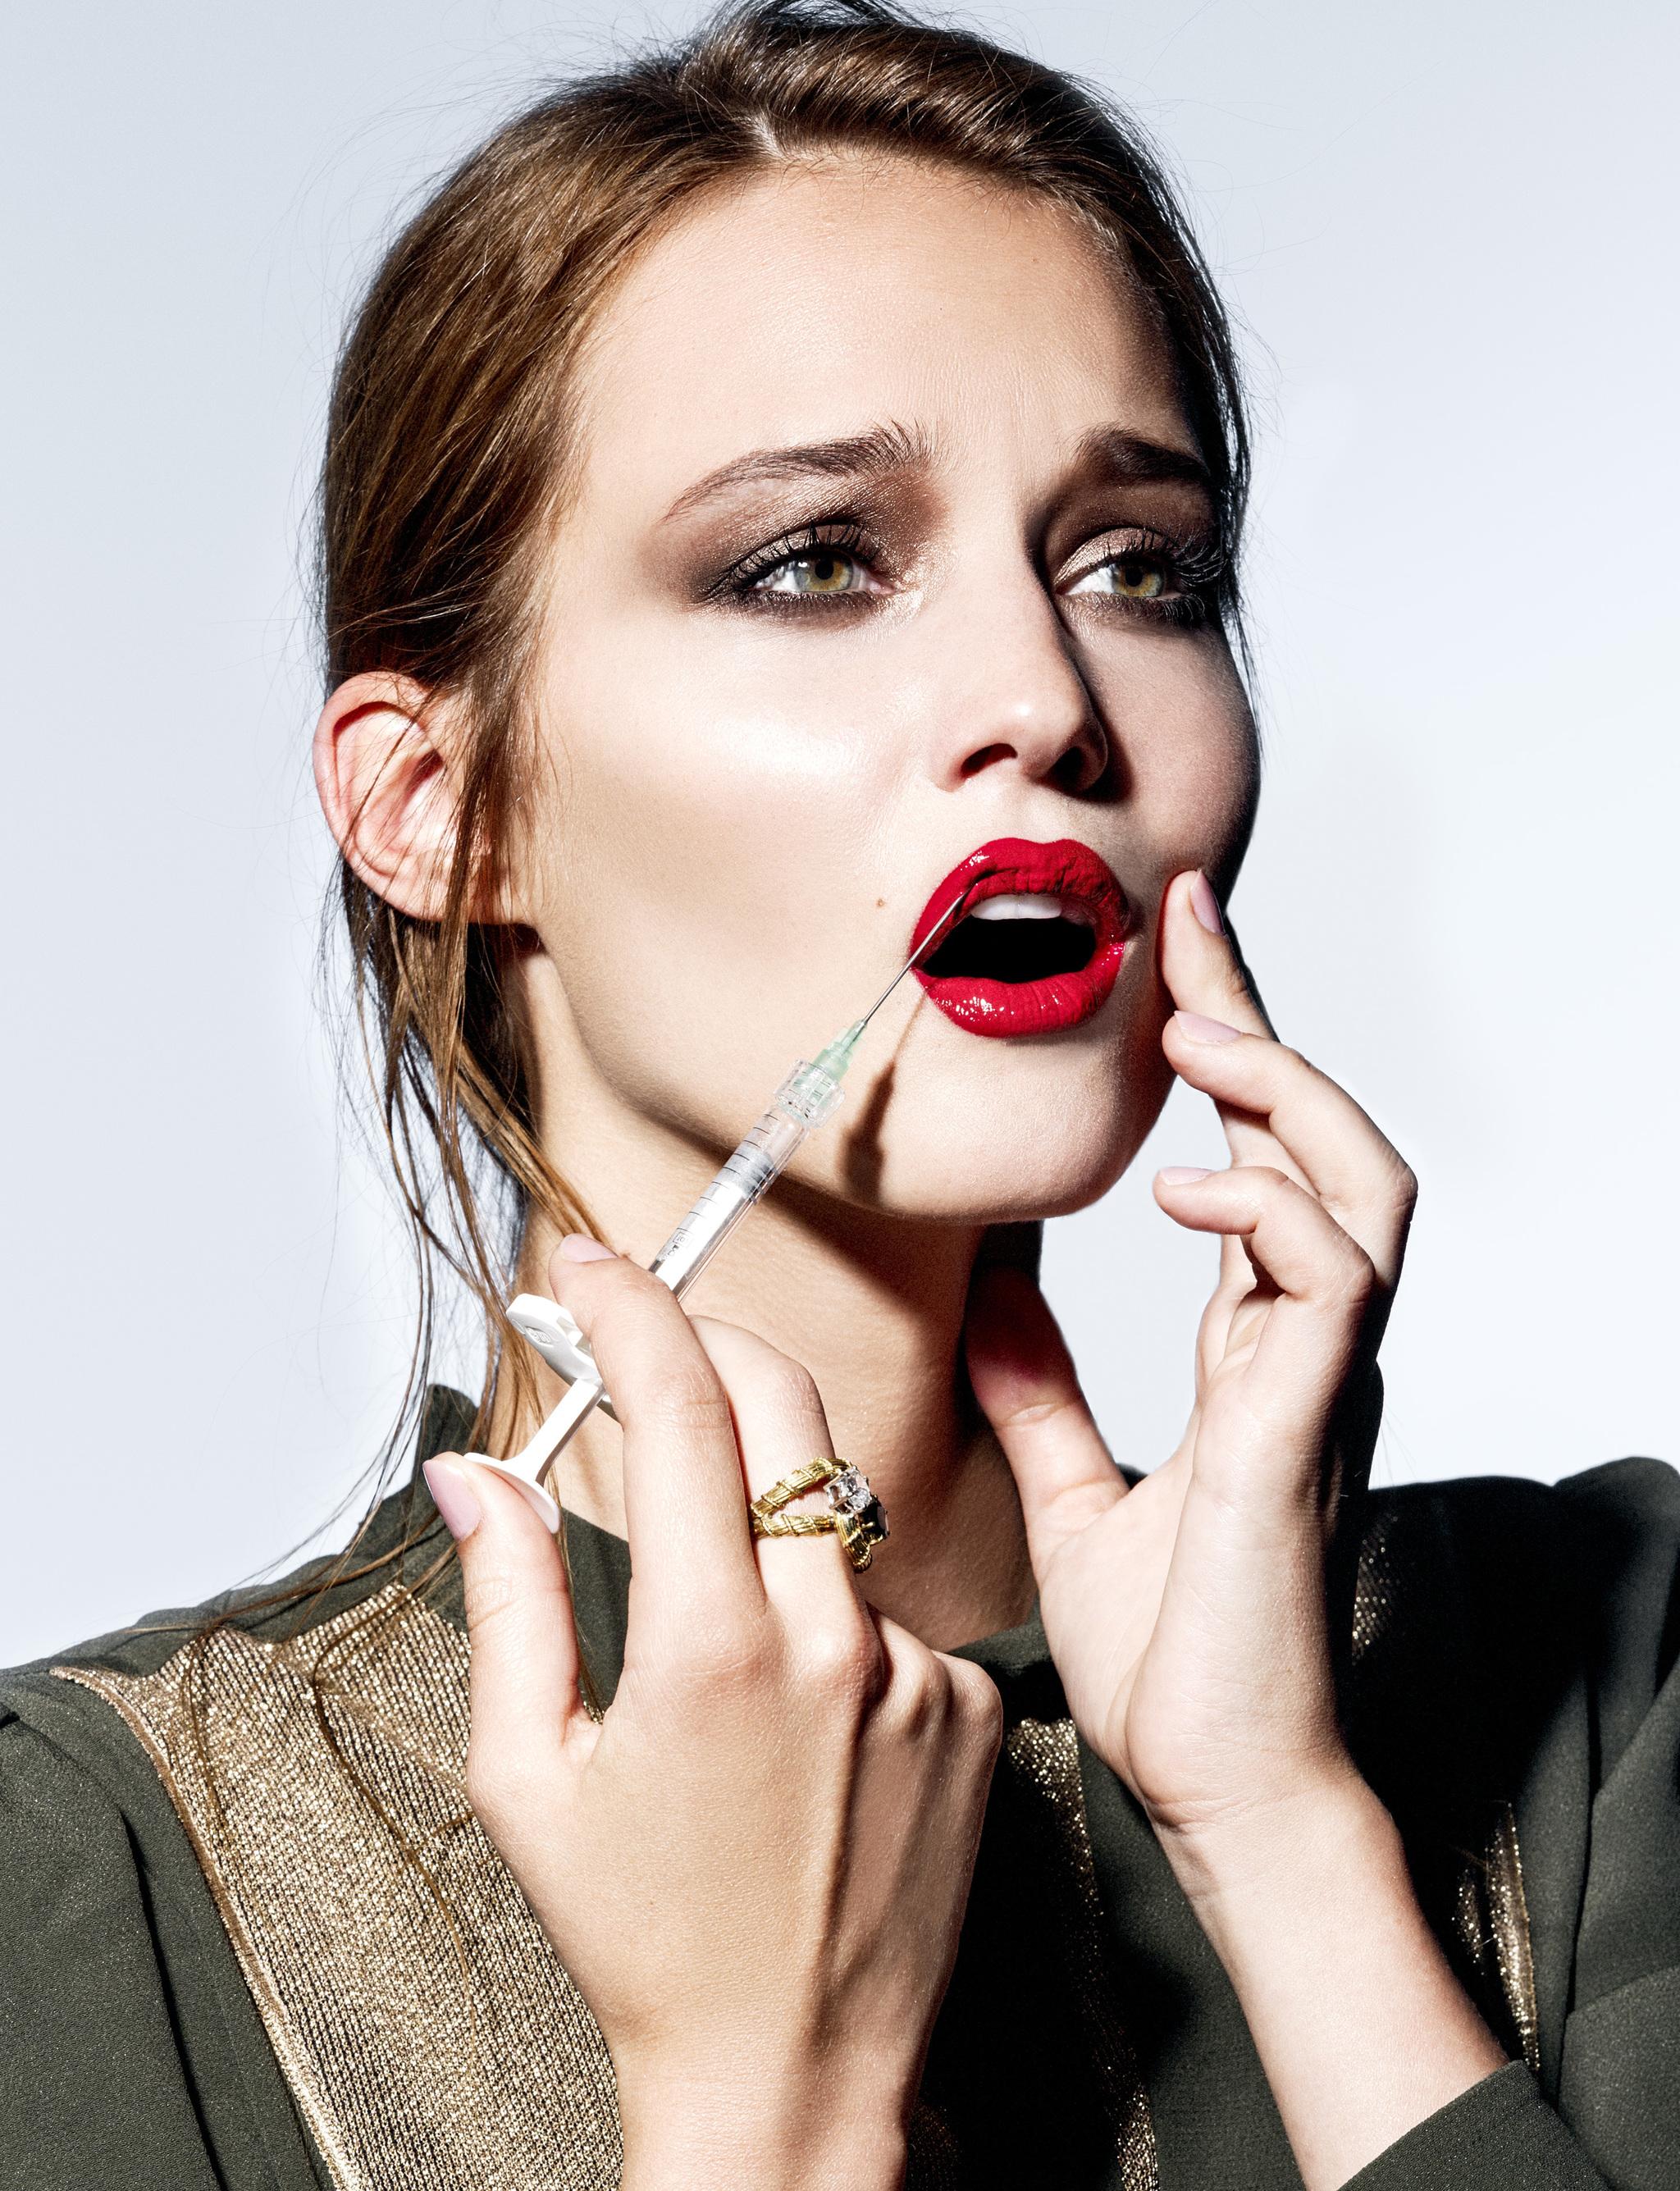 El ácido hialurónico es el relleno más utilizado para aumentar los labios por sus resultados naturales.